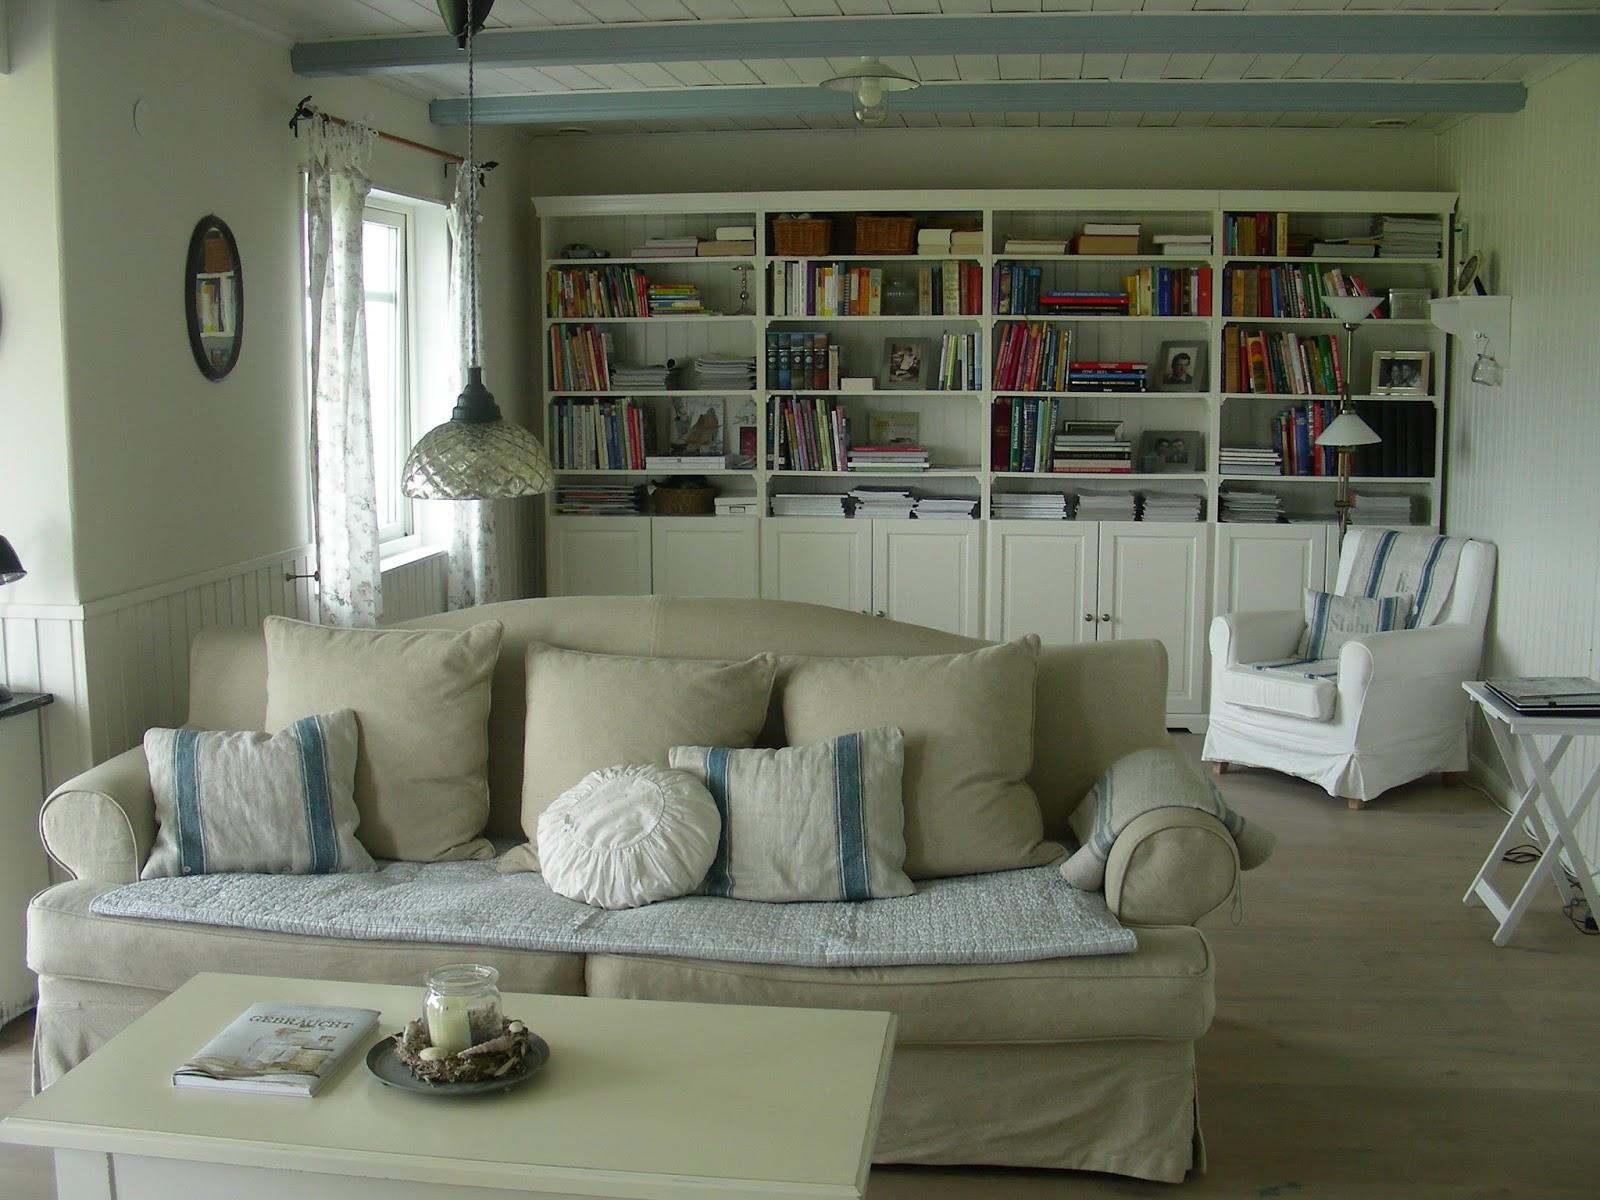 Jetzt Mit Der Unterteilung Wirkt Das Wohnzimmer Viel Gemtlicher Und Hinter Wand Entstand Ja So Ein Zustzlicher Raum